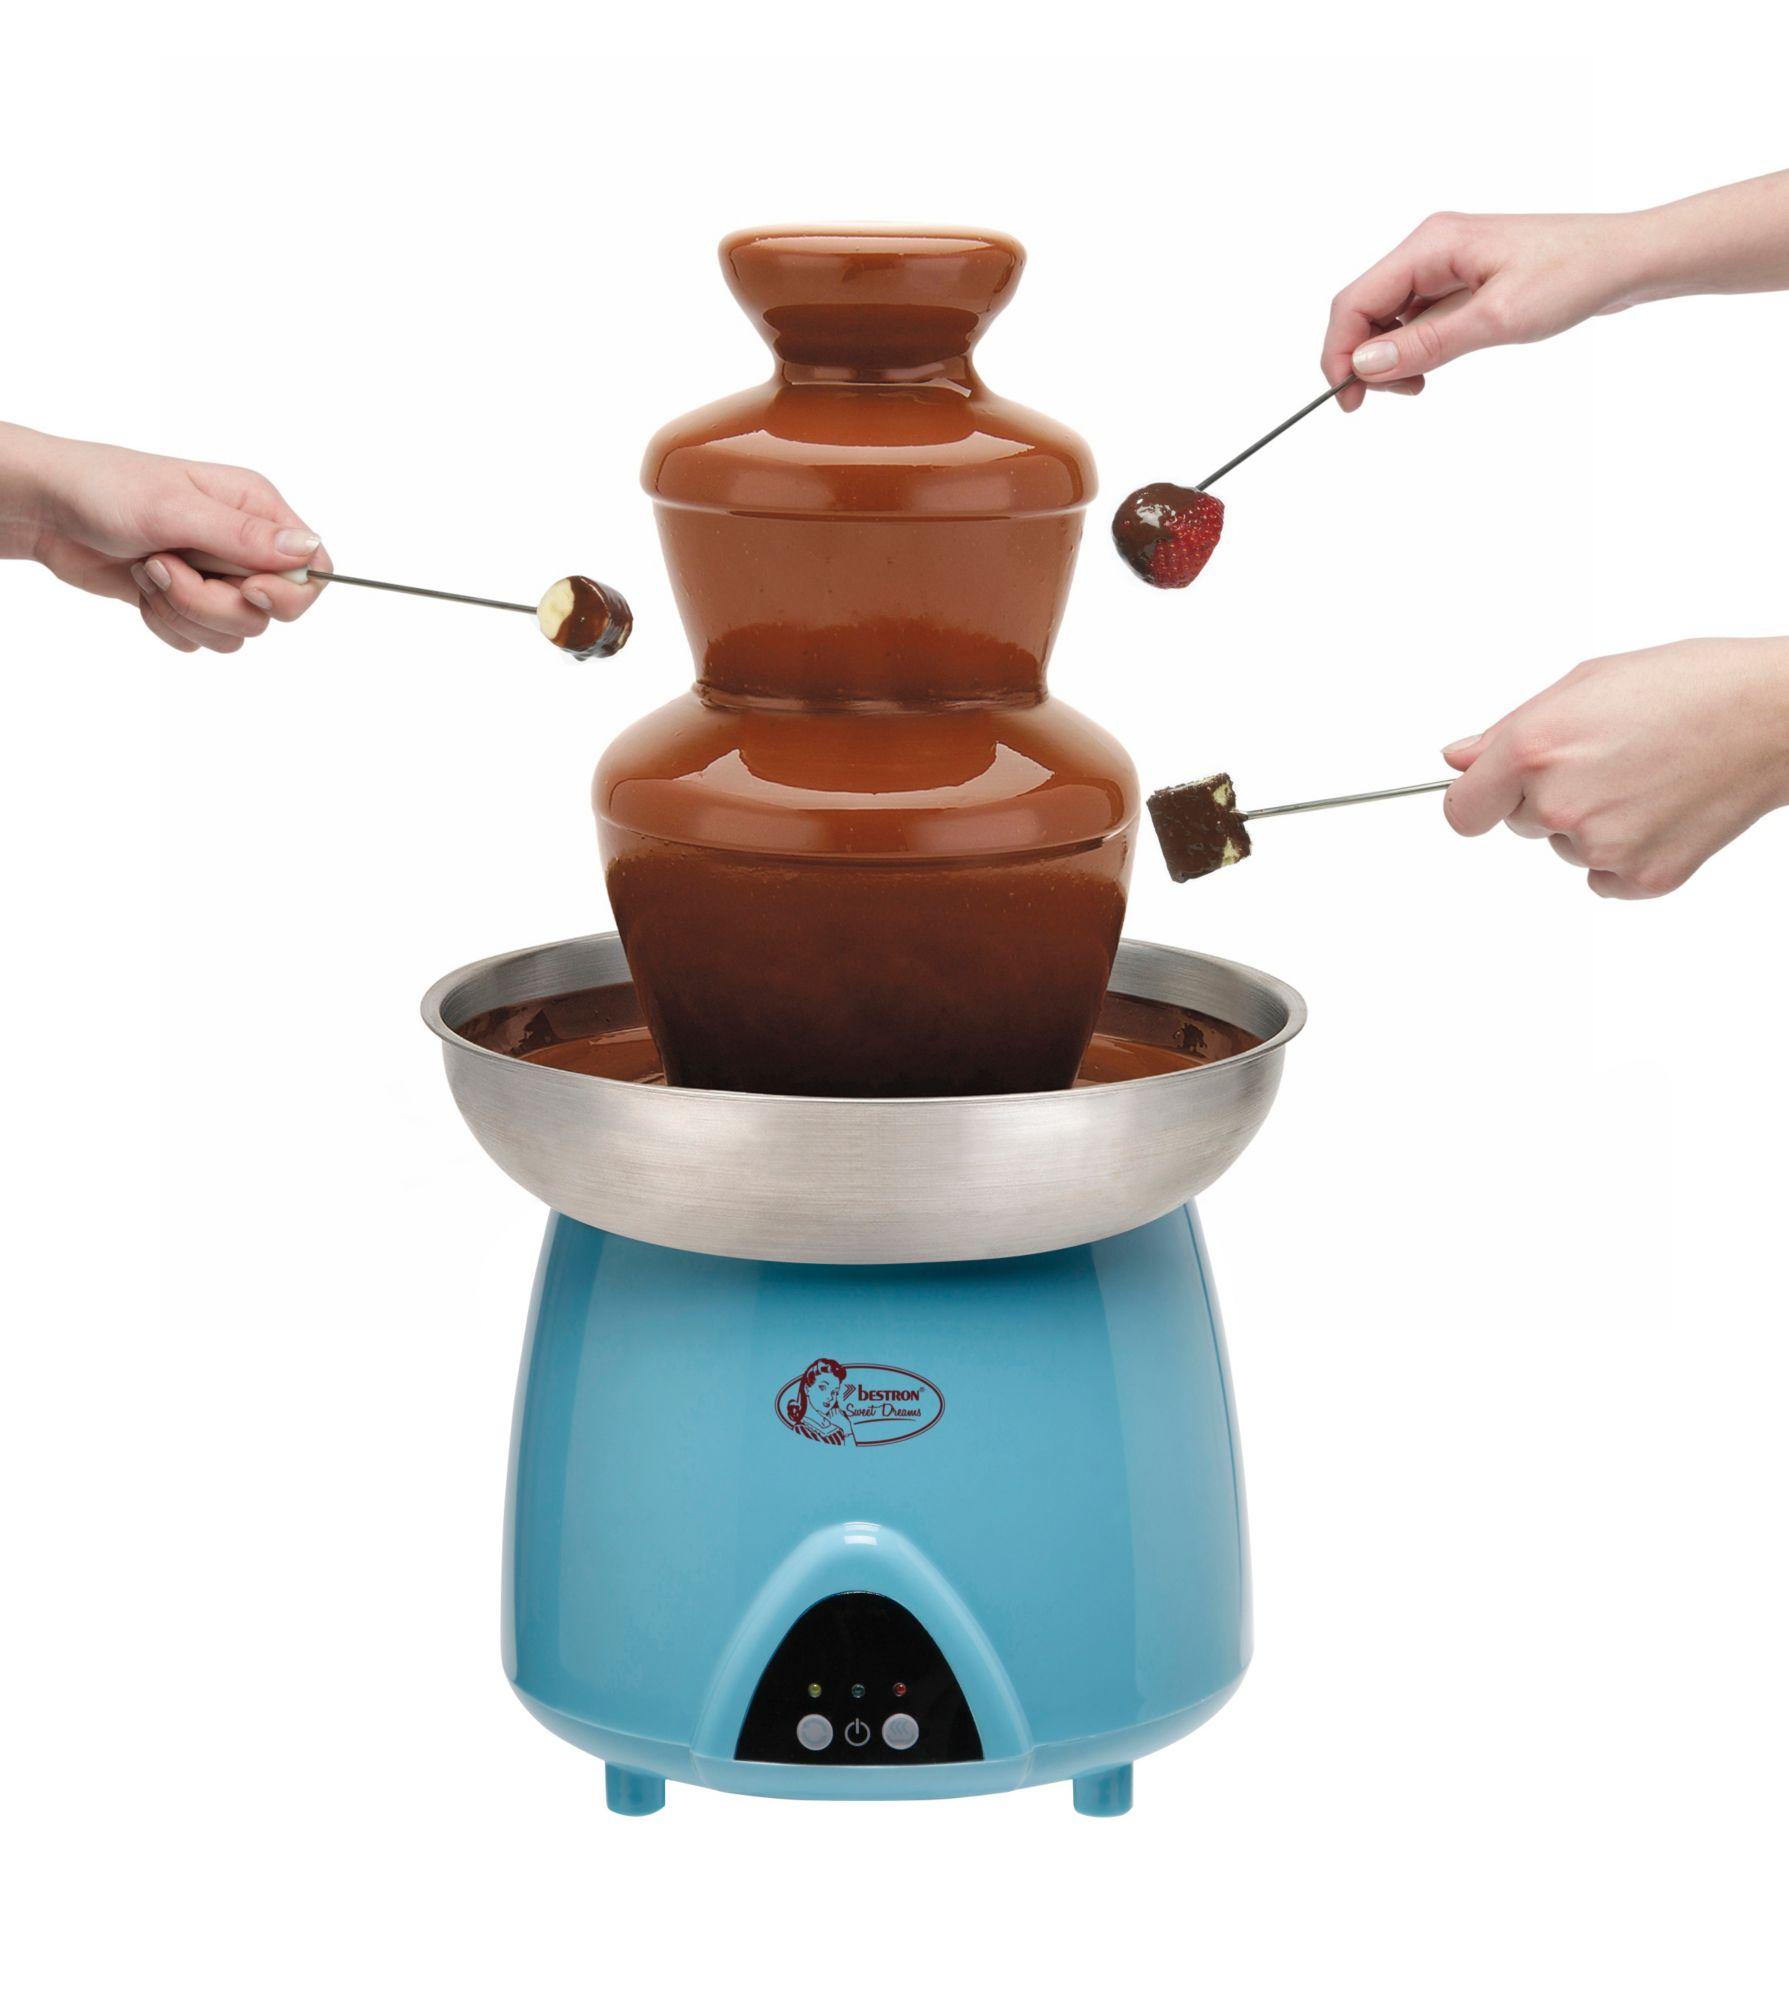 BESTRON bestron Schokofontäne, Schokoladenbunnen DUE4007, beheizte 1,5 Liter-Edelstahlschüssel